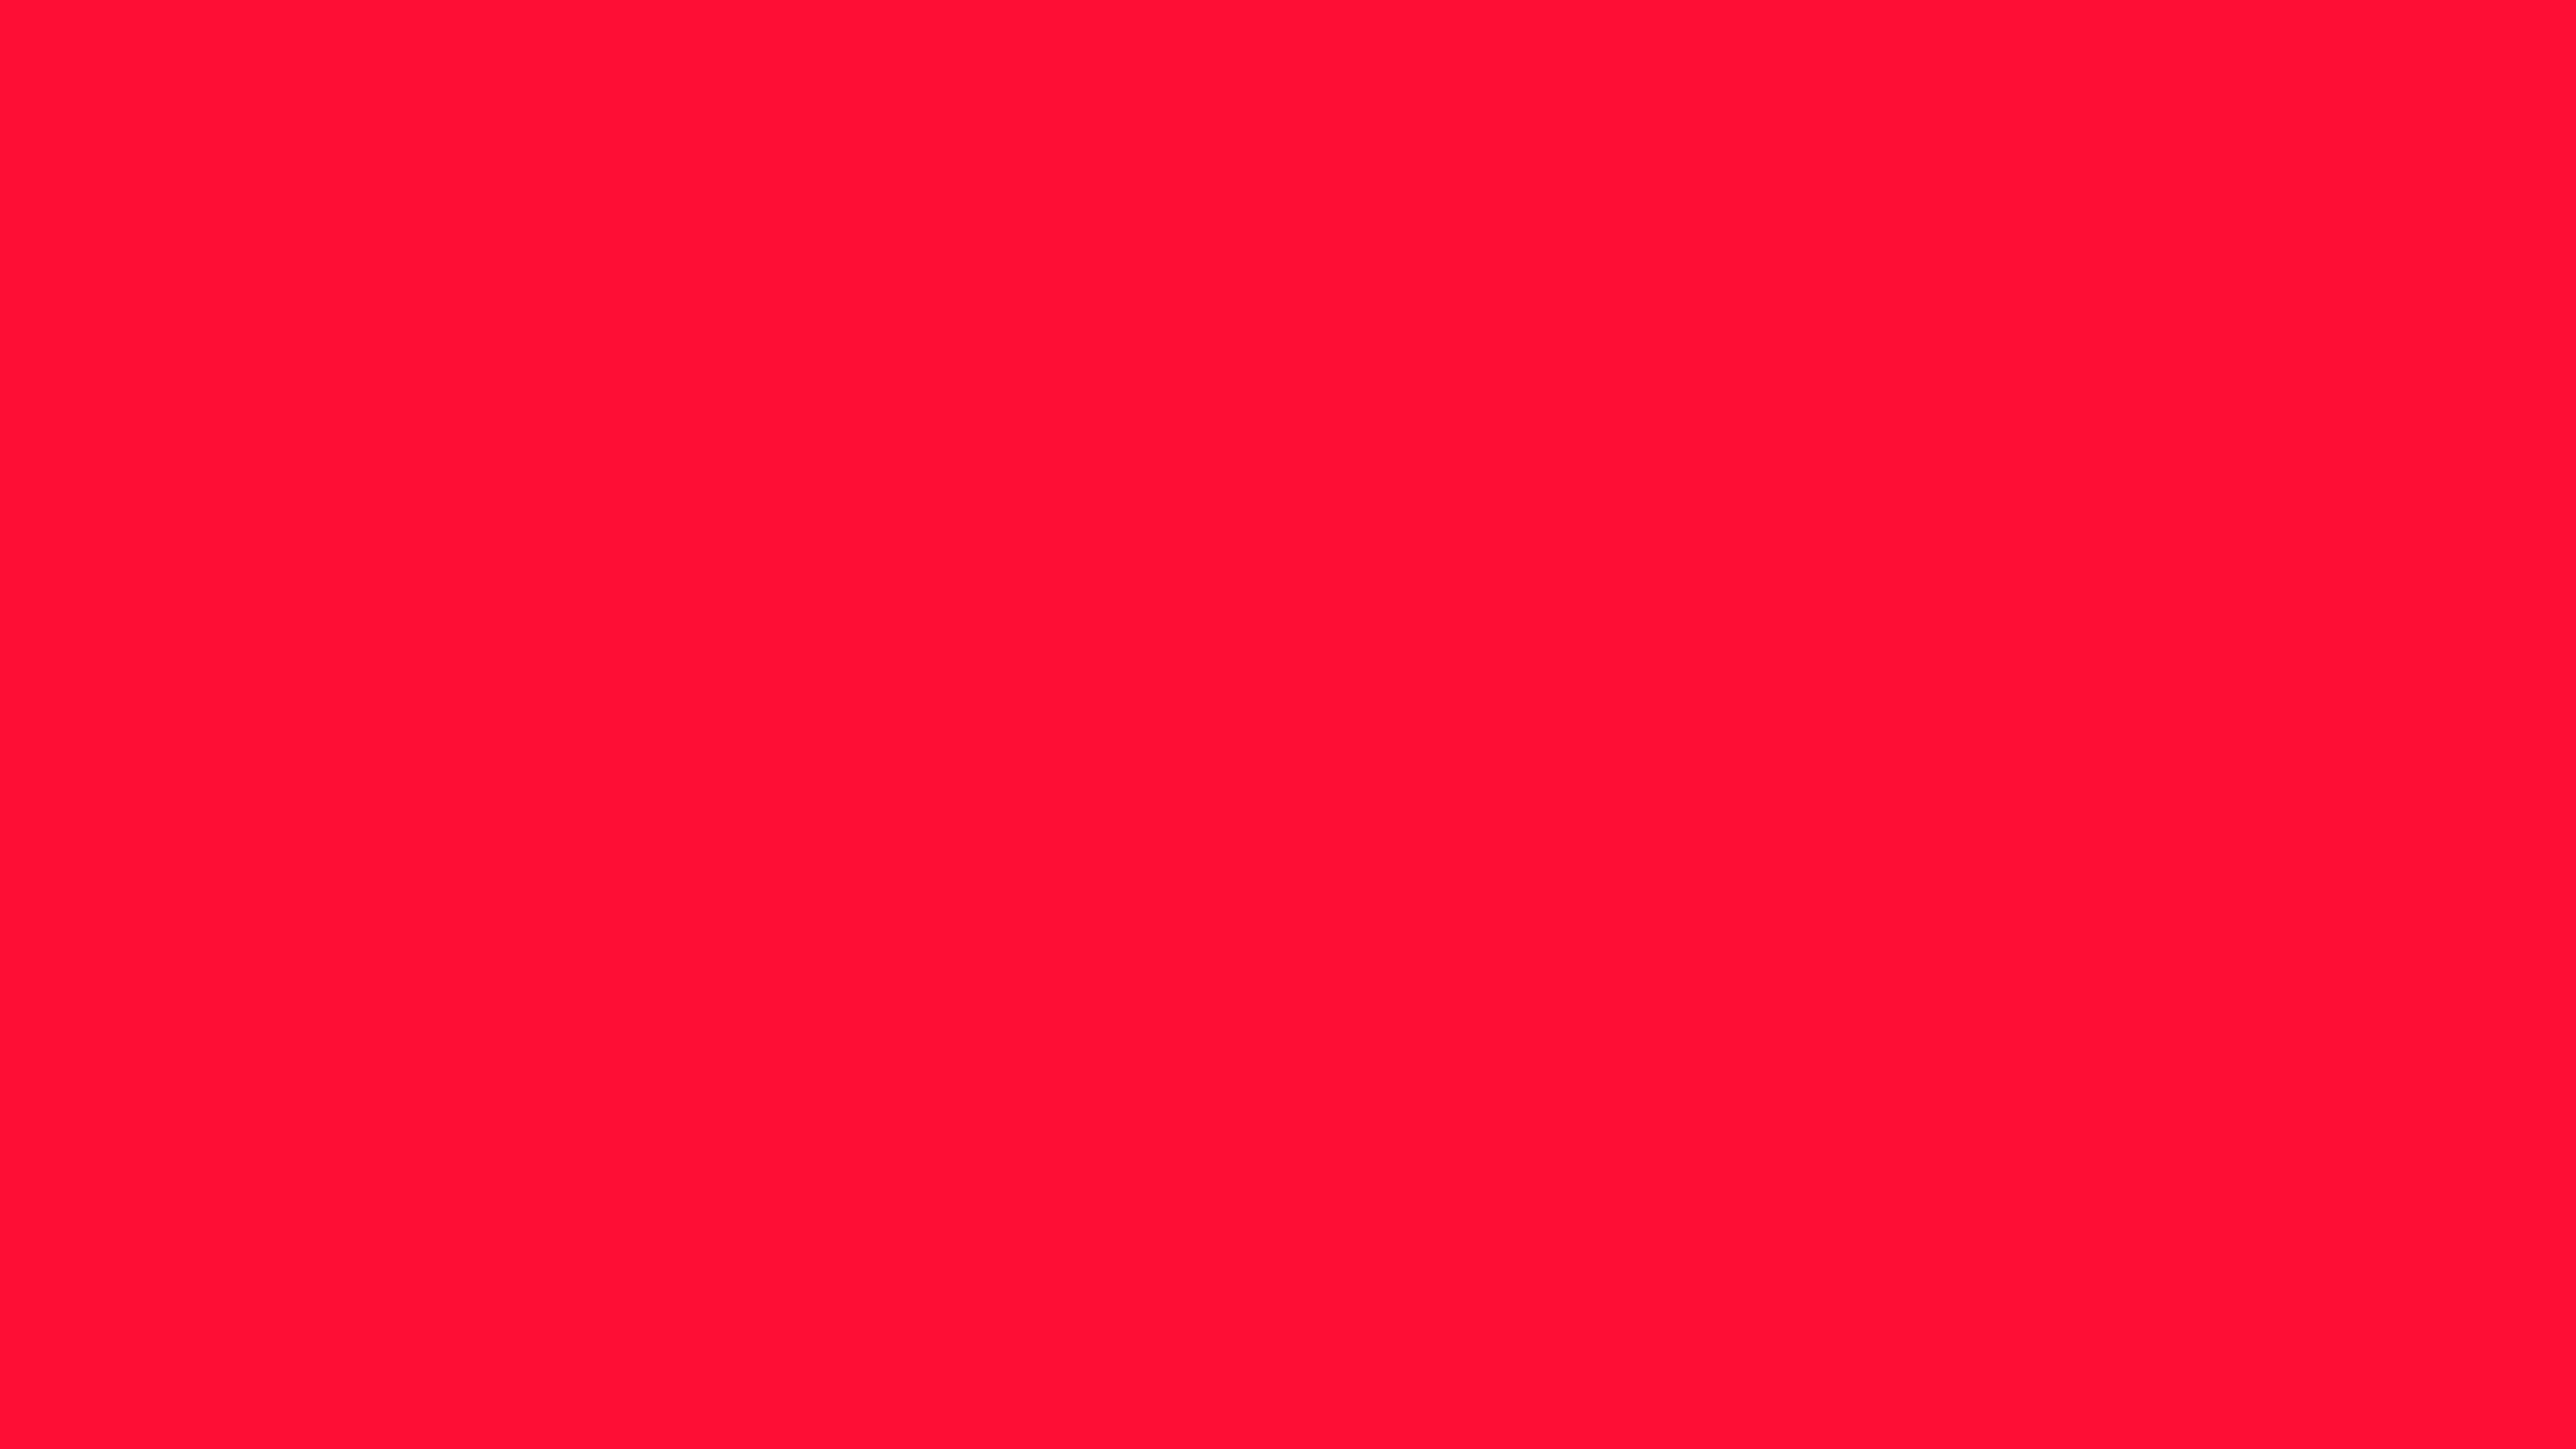 5120x2880 Scarlet Crayola Solid Color Background